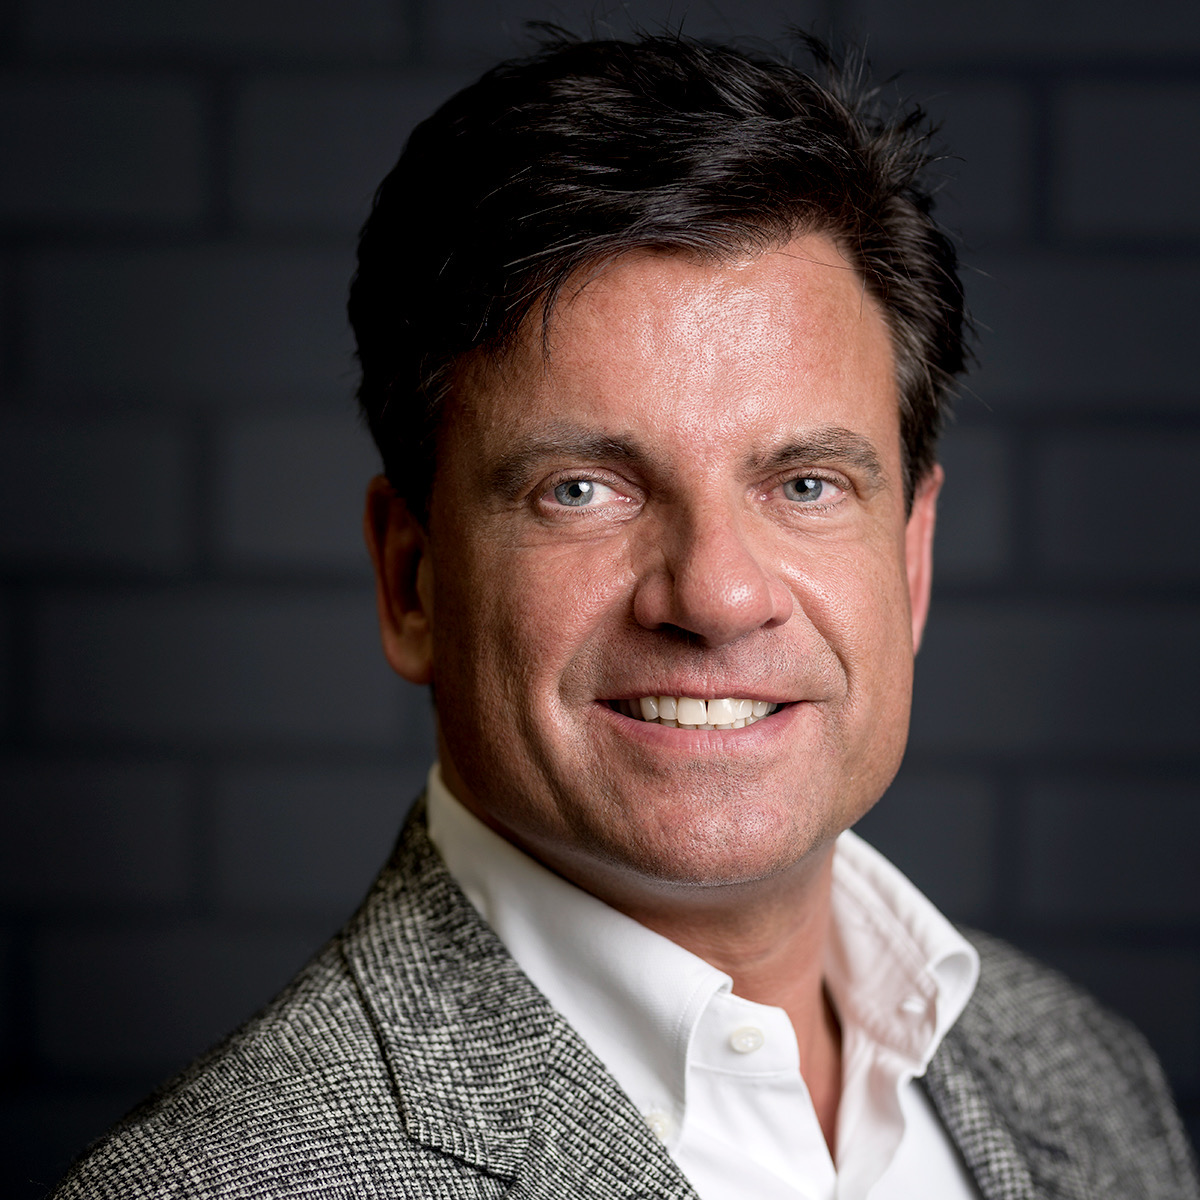 STEPHAN VAN DEN OETELAAR IS THE CEO AT STAKELOGIC